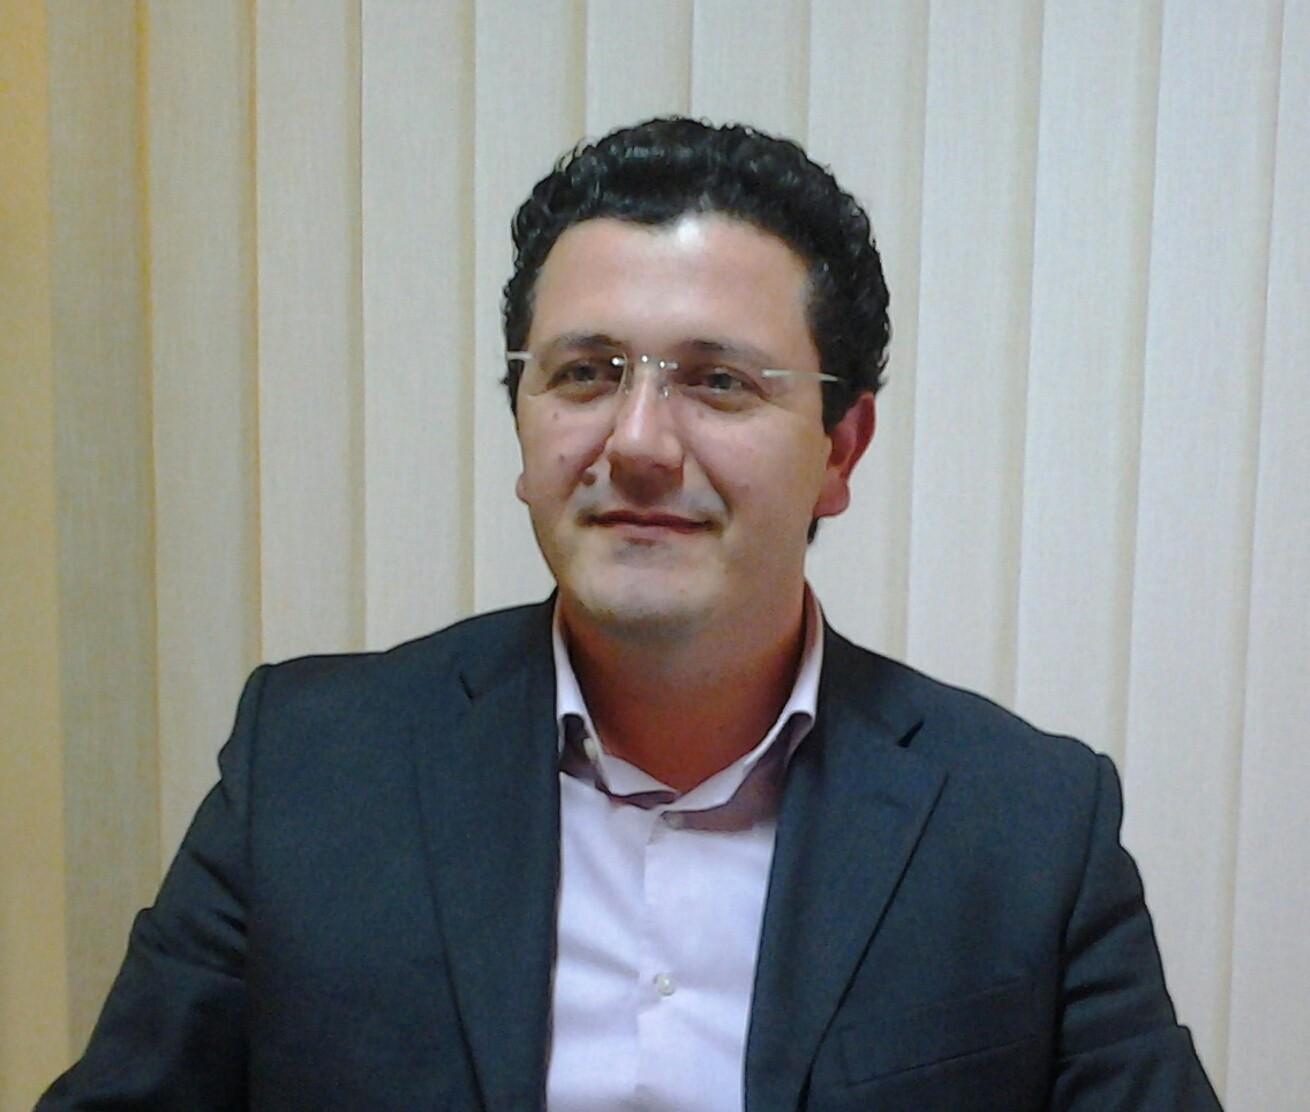 Gianluca Cannata